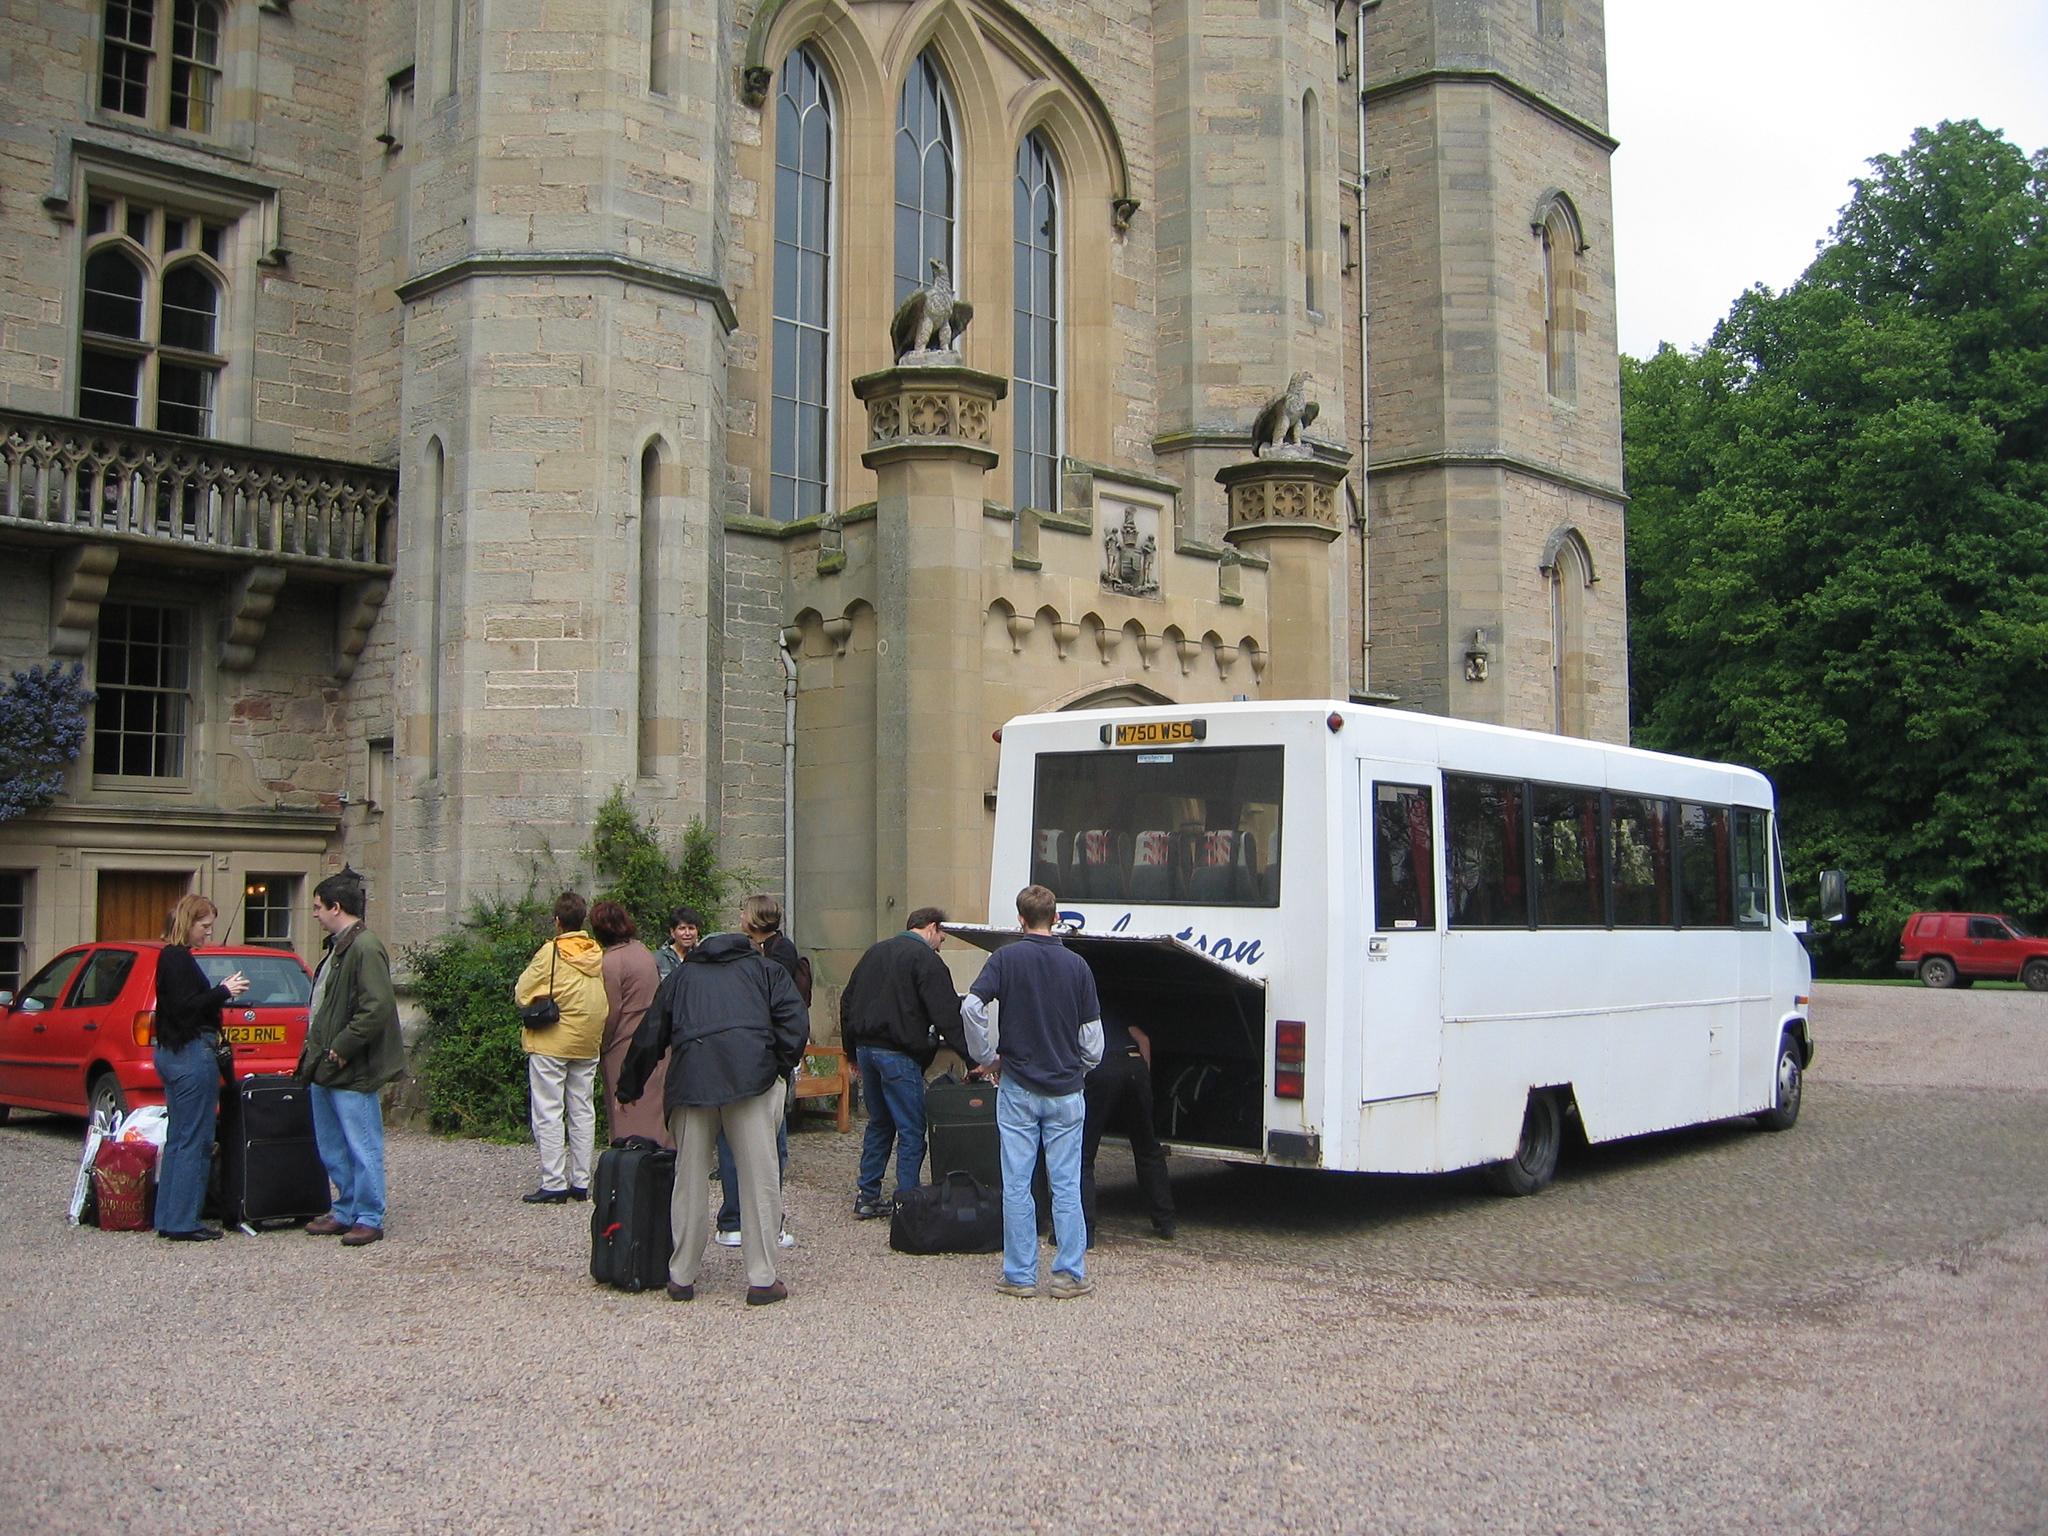 Arriving at Duns Castle